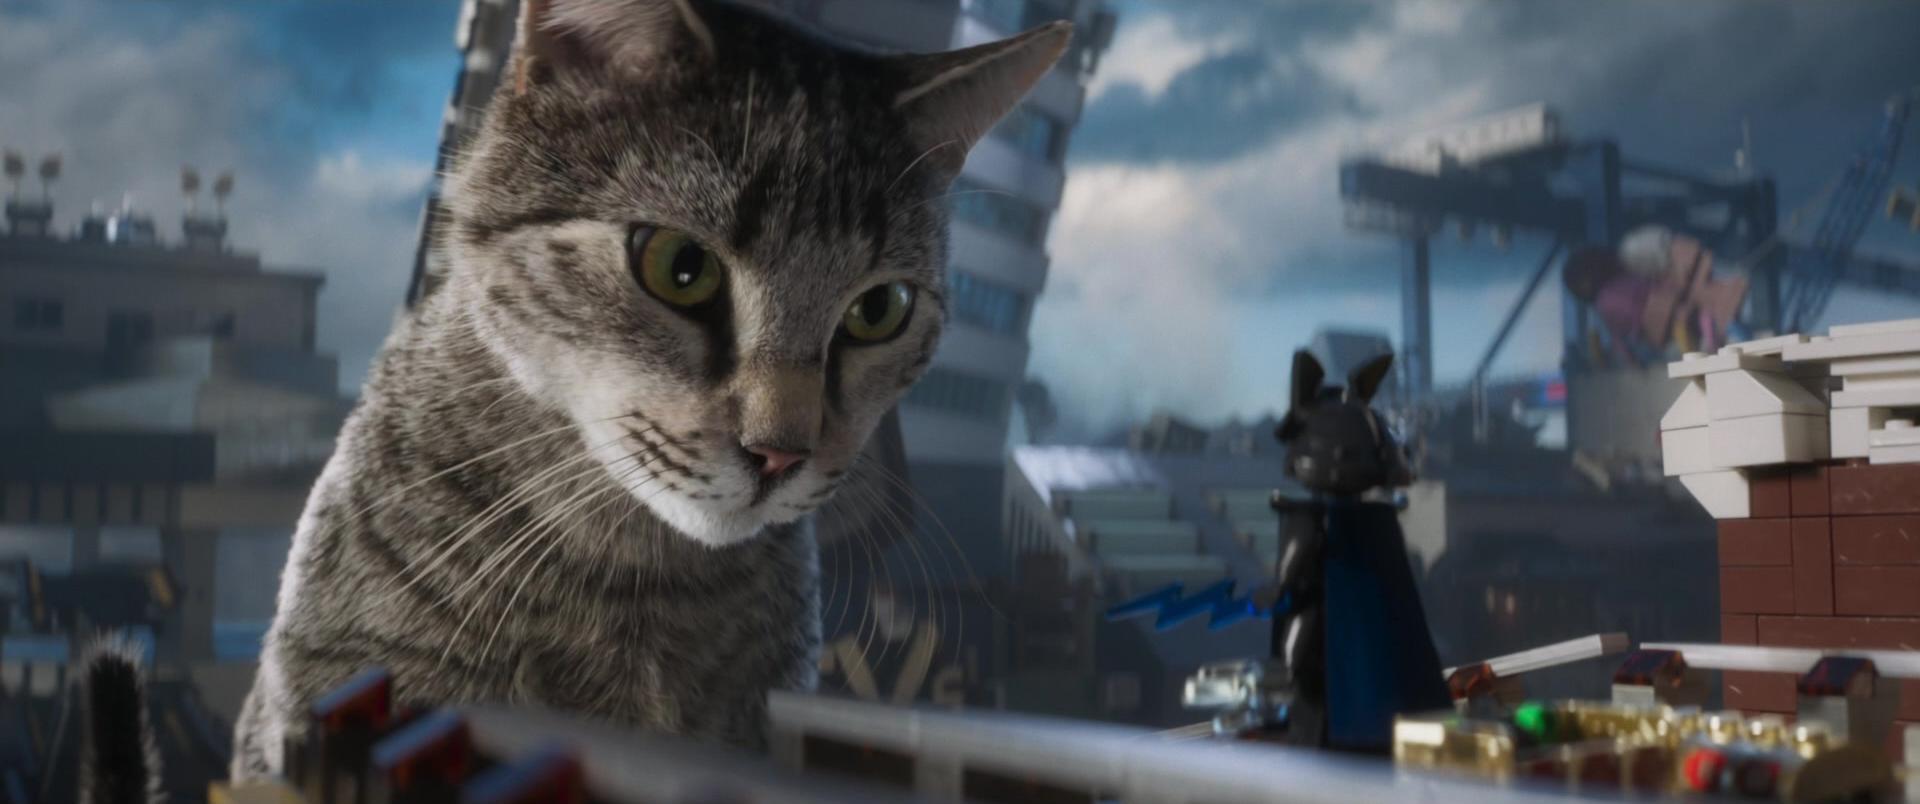 Image - Meowthra seeing lord garmadon.png | Warner Bros ... - photo#36